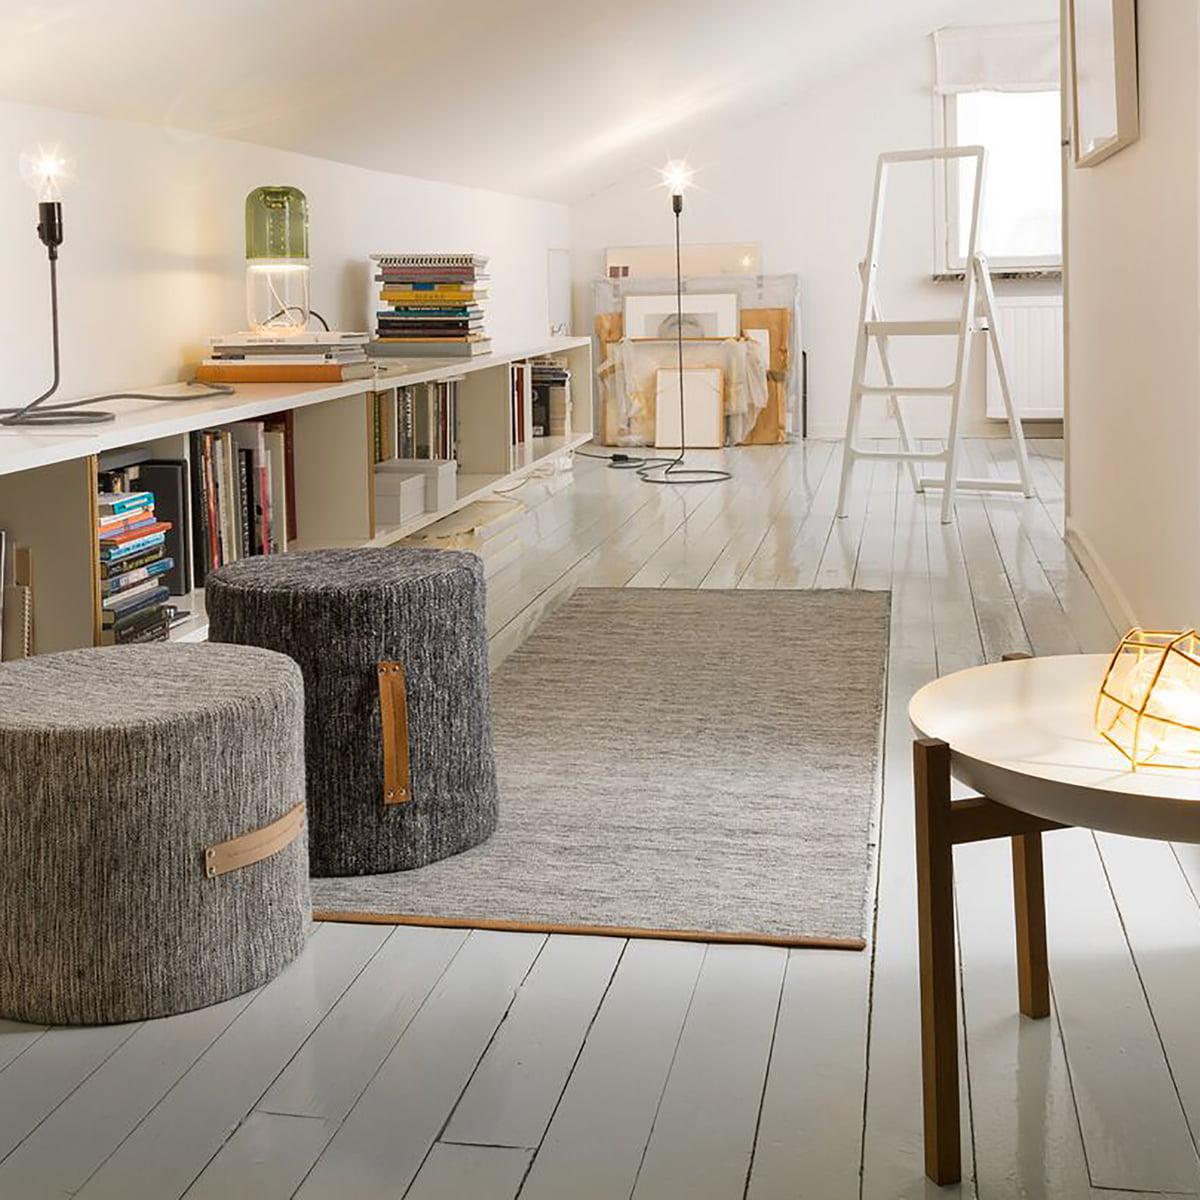 bj rk teppich von design house stockholm. Black Bedroom Furniture Sets. Home Design Ideas